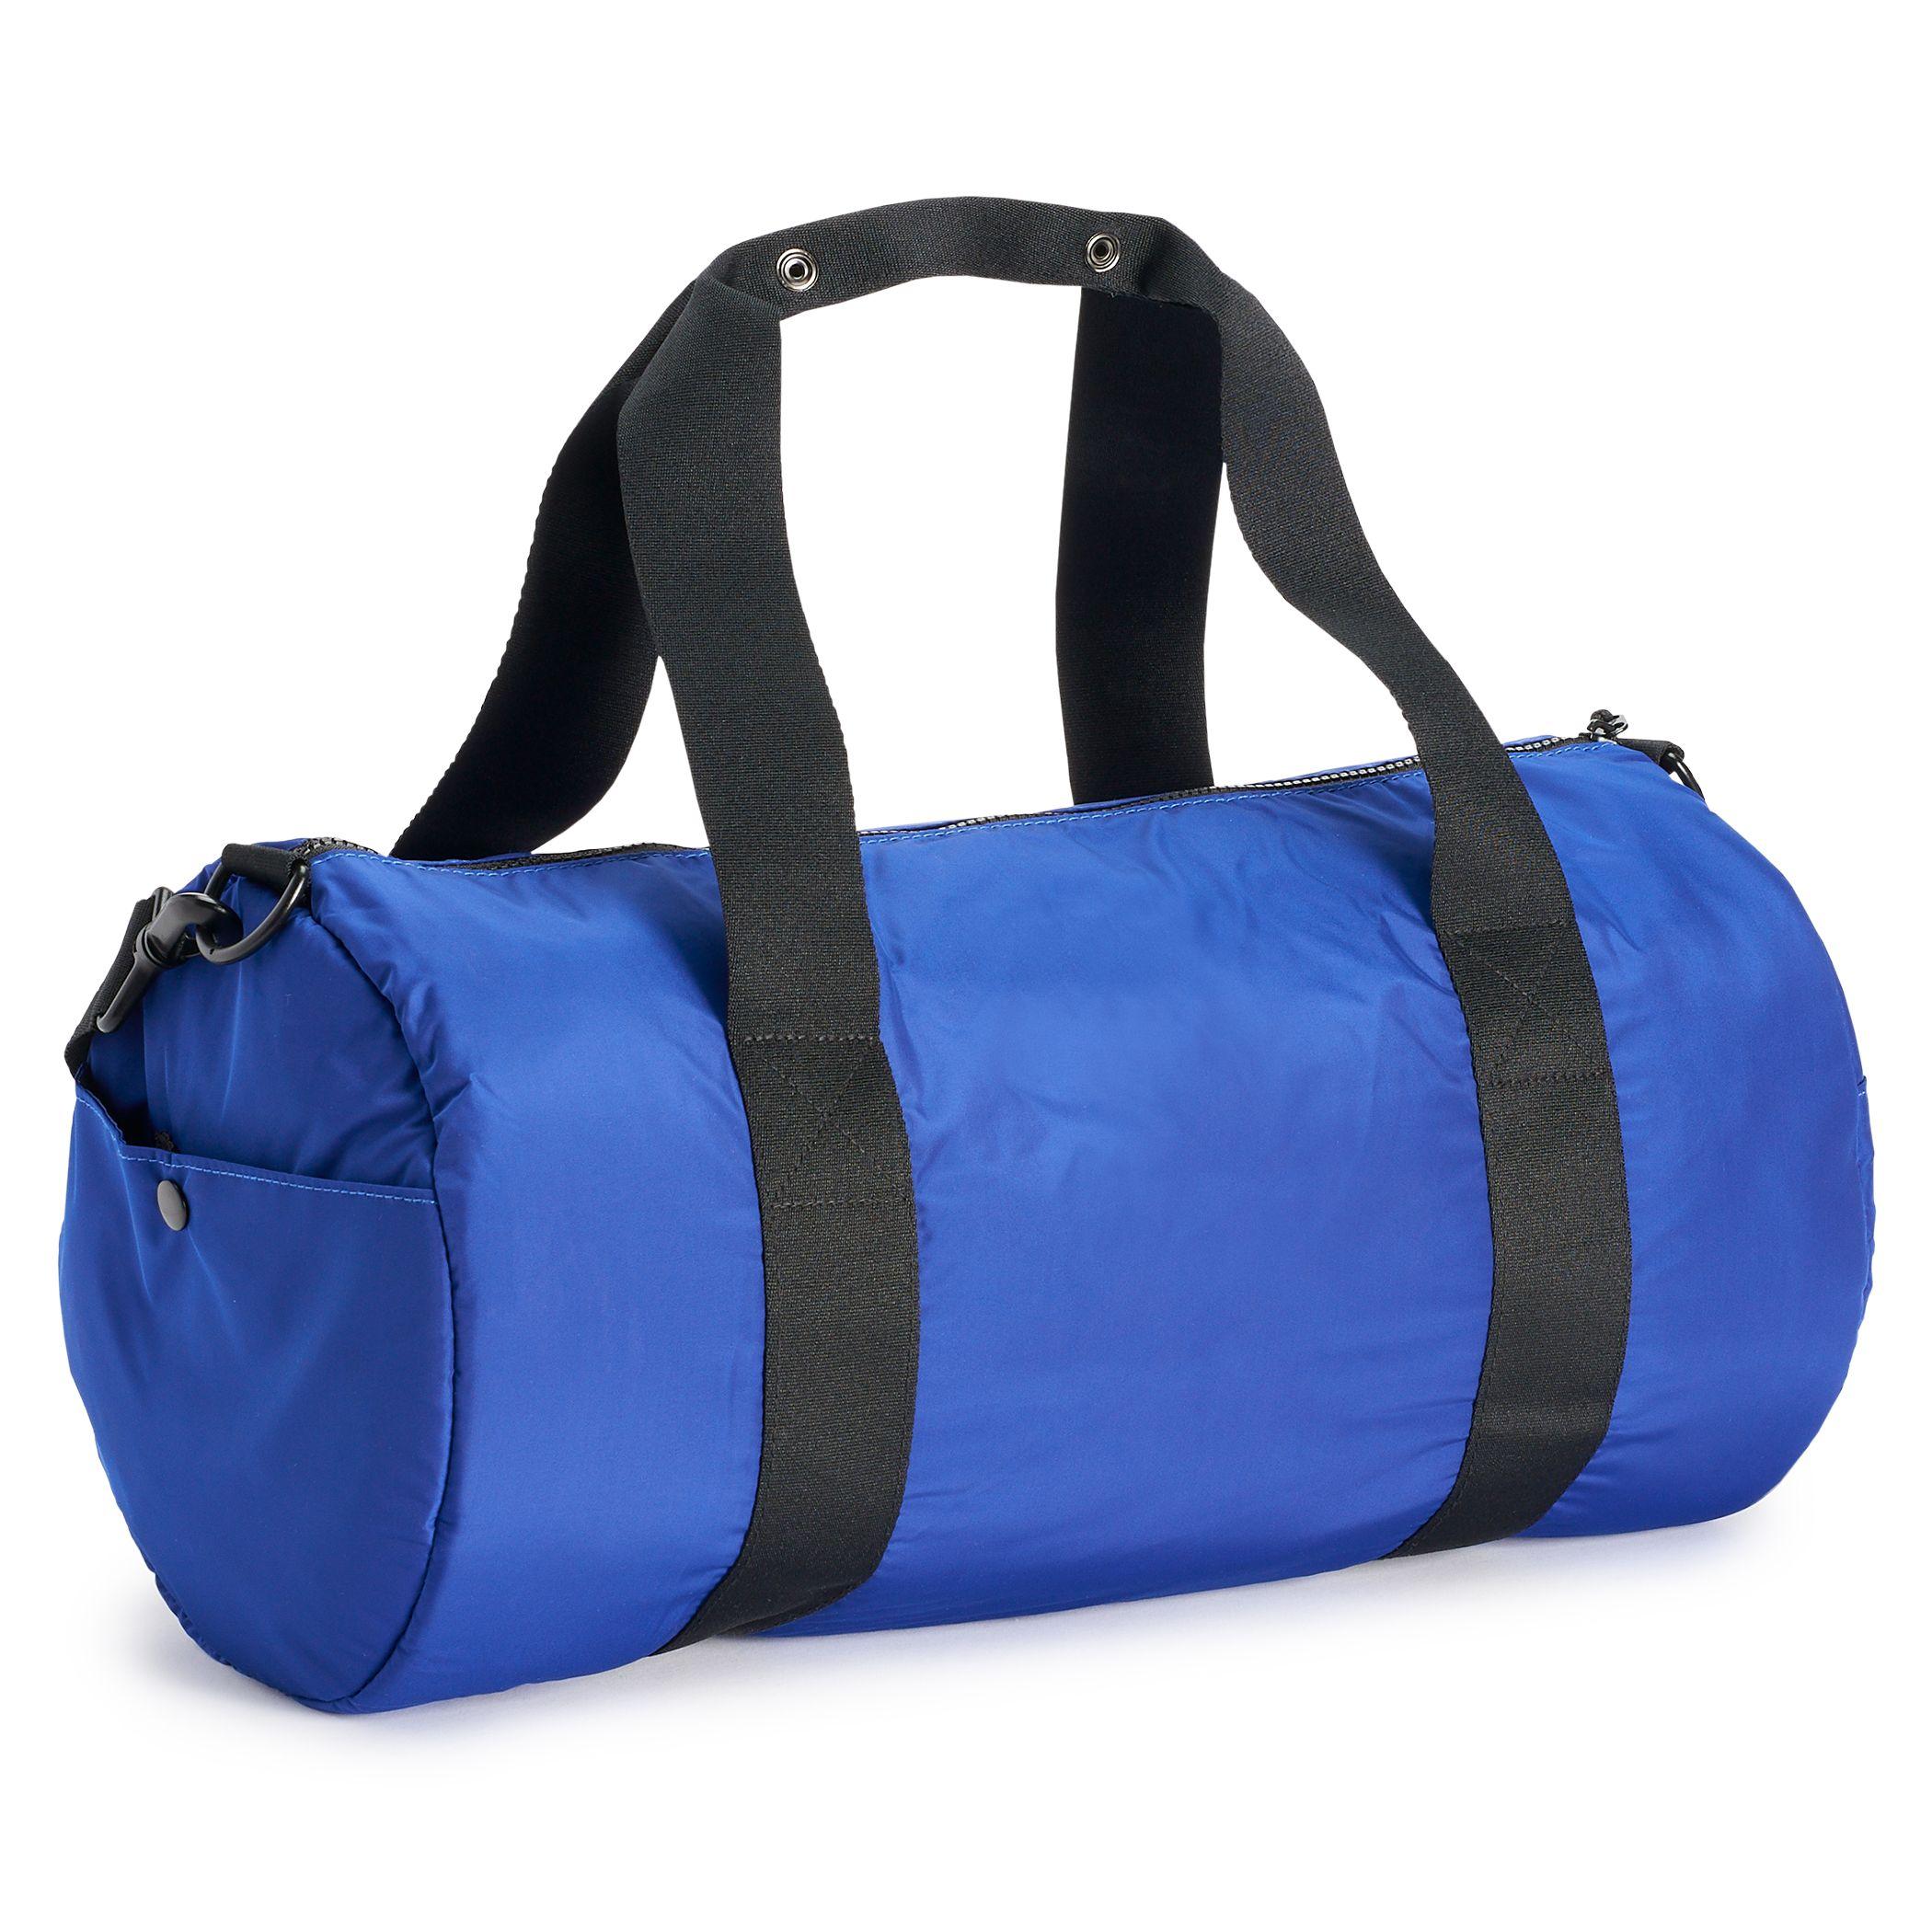 Adidas Duffel Bags - Accessories  012088b60266a